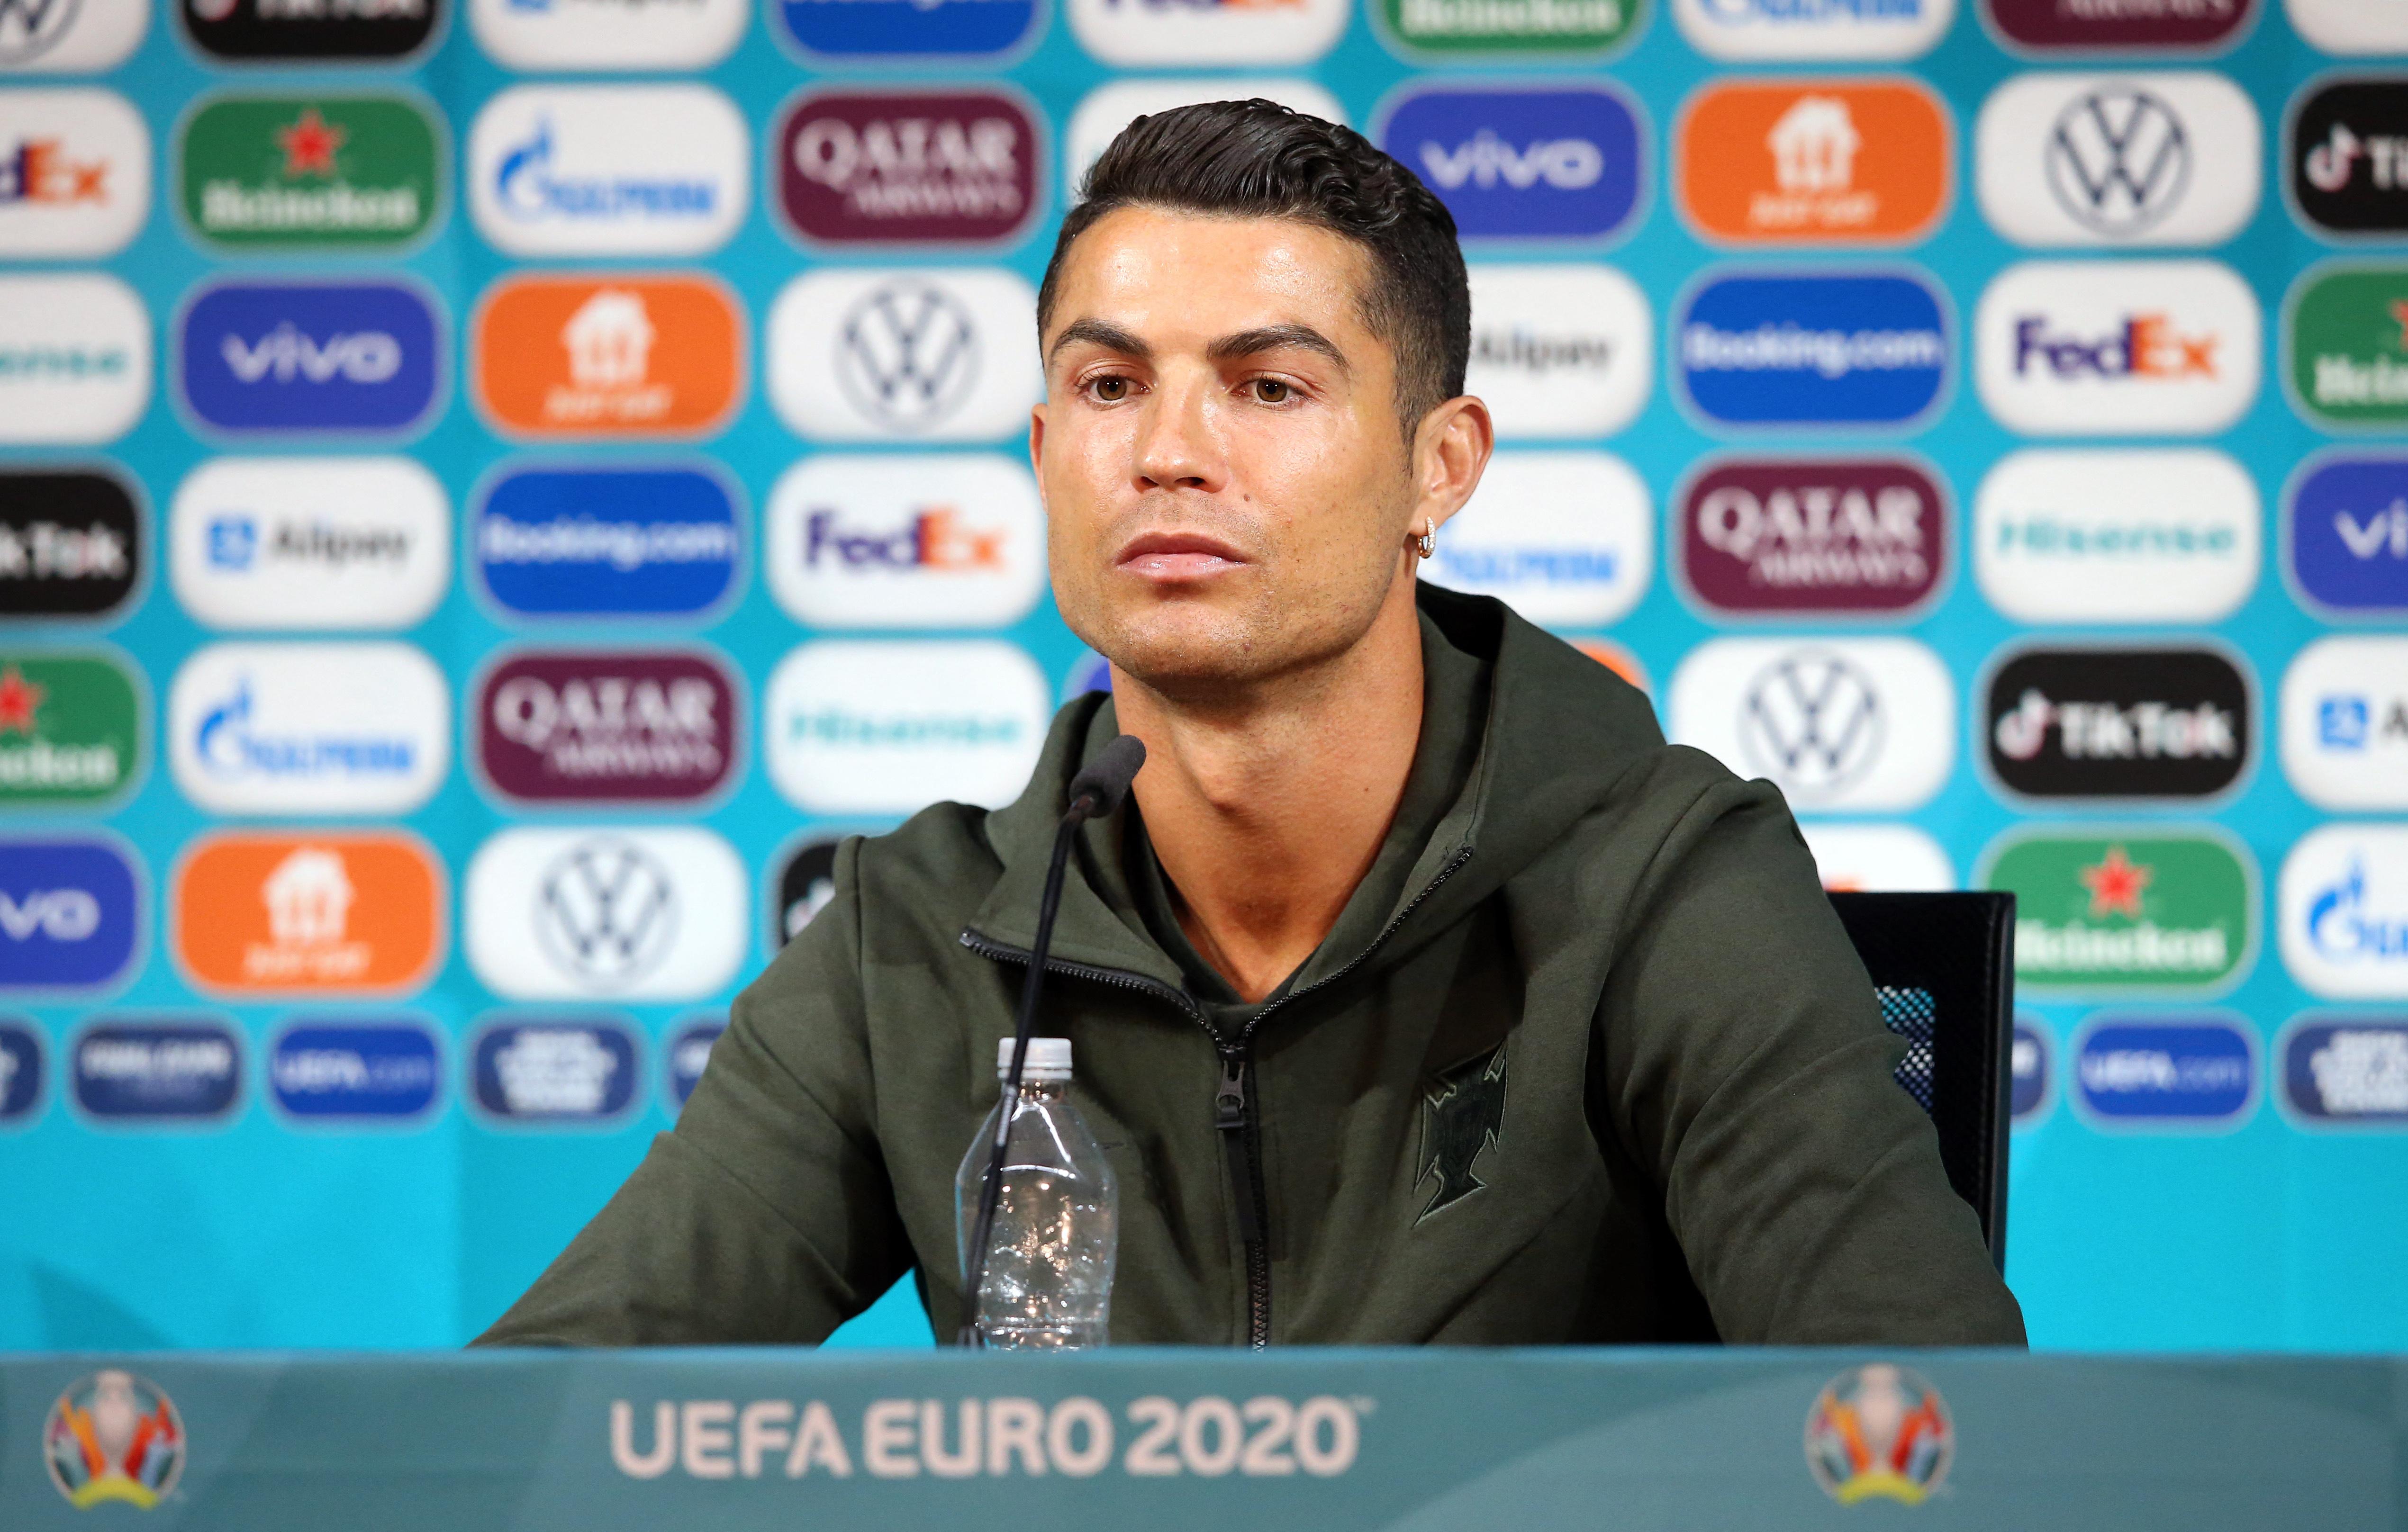 4 milliárd dollárt zuhant a Coca-Cola piaci értéke, miután C. Ronaldo fintorogva félretolta az üvegét